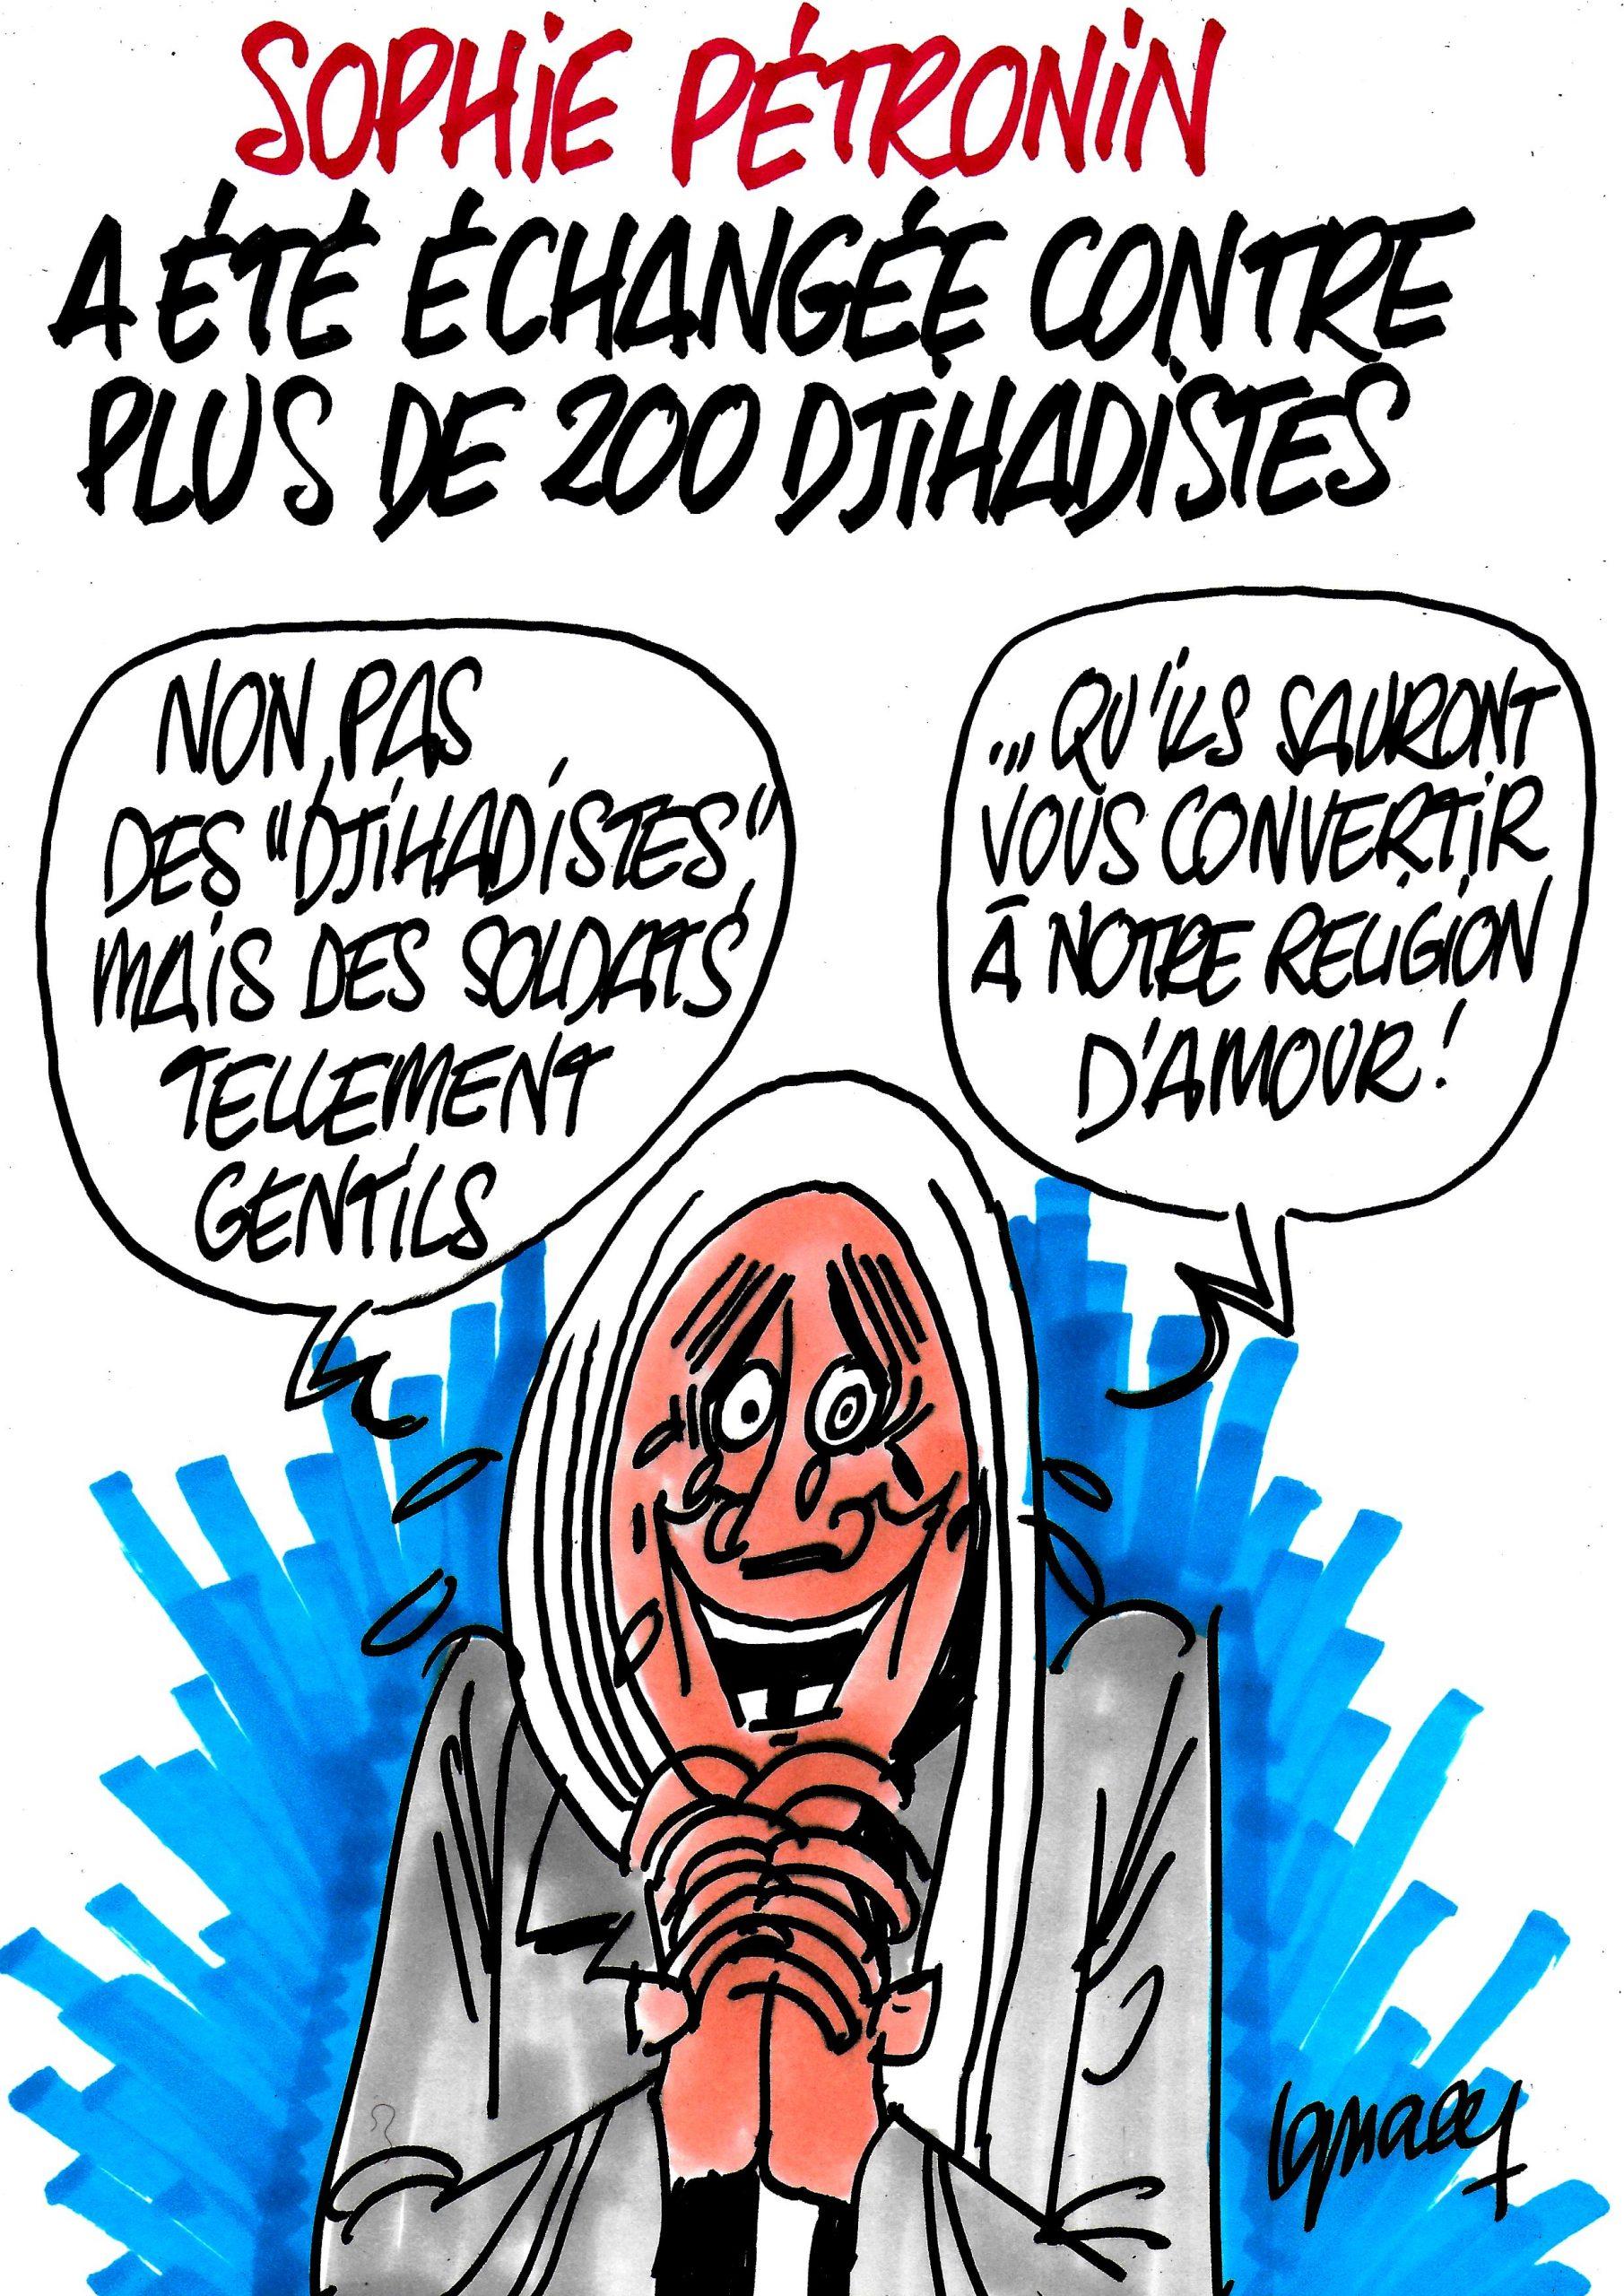 Ignace - Sophie Pétronin et 200 djihadistes en prime